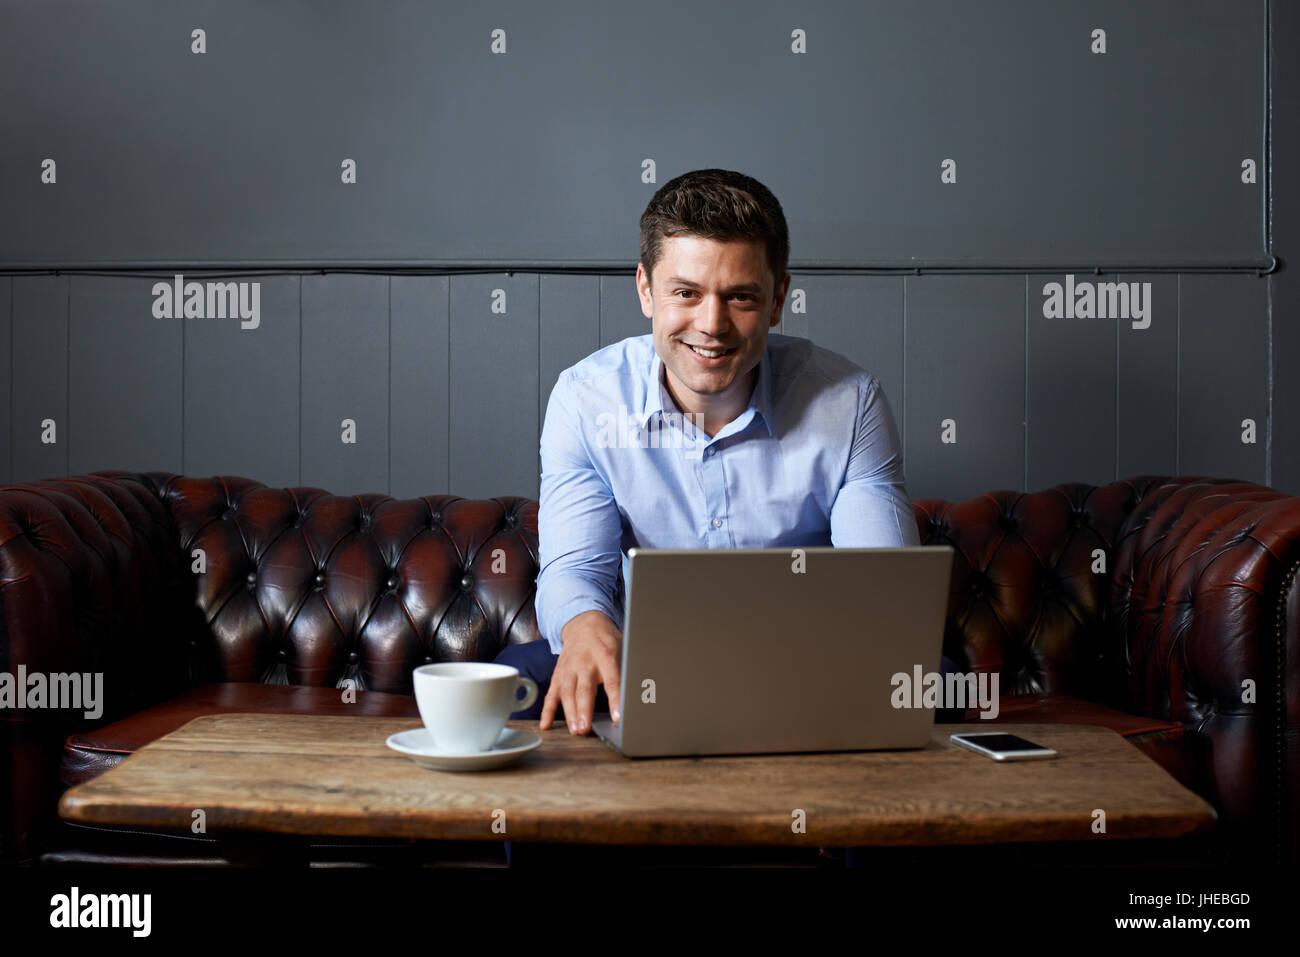 Retrato del empresario trabajando en el portátil en Internet Cafe Imagen De Stock